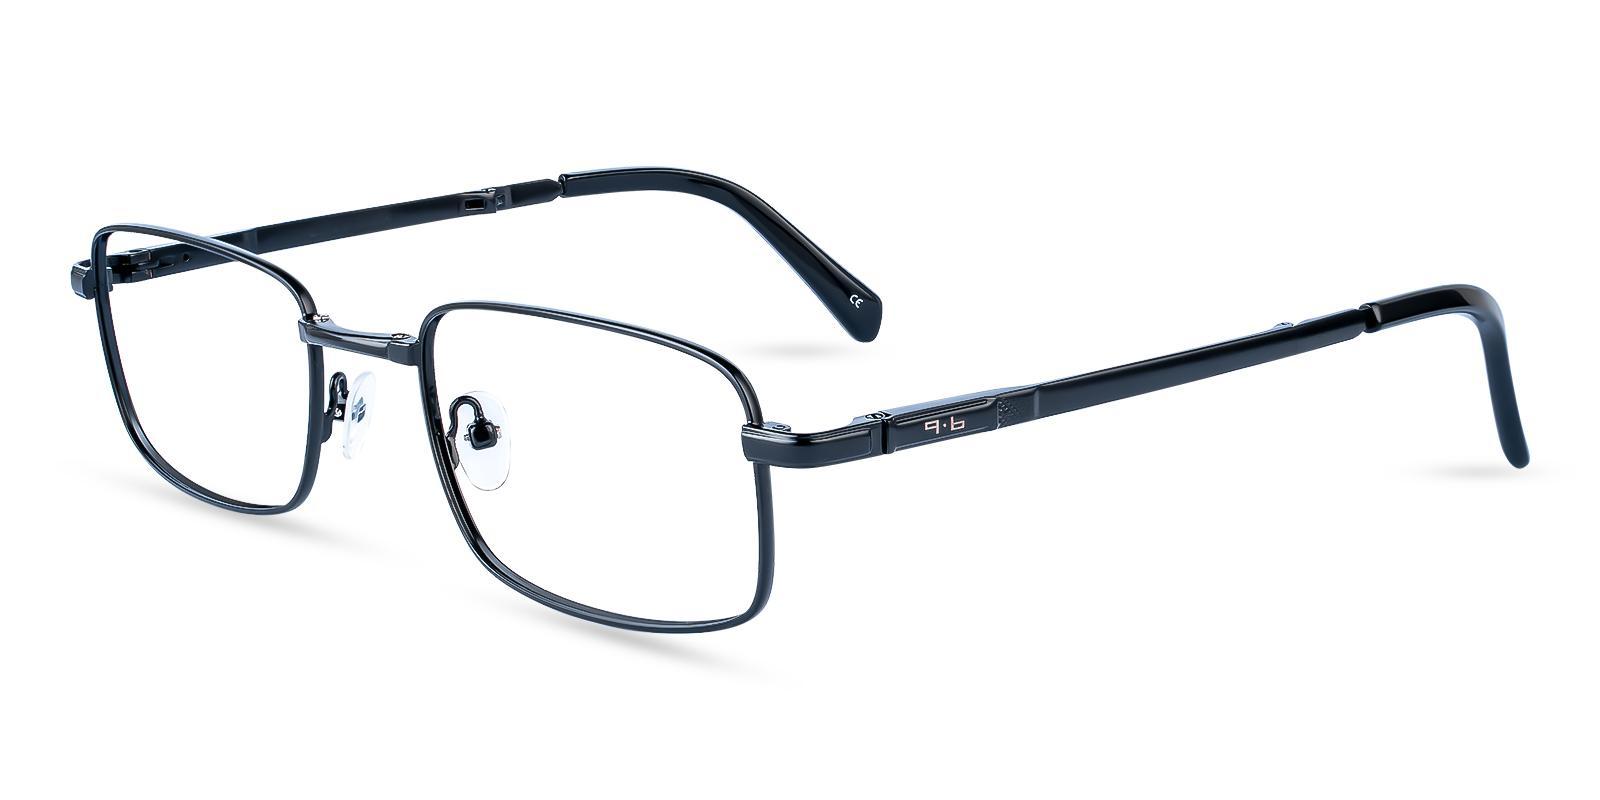 Sebastian Black Metal Eyeglasses , Foldable , NosePads Frames from ABBE Glasses